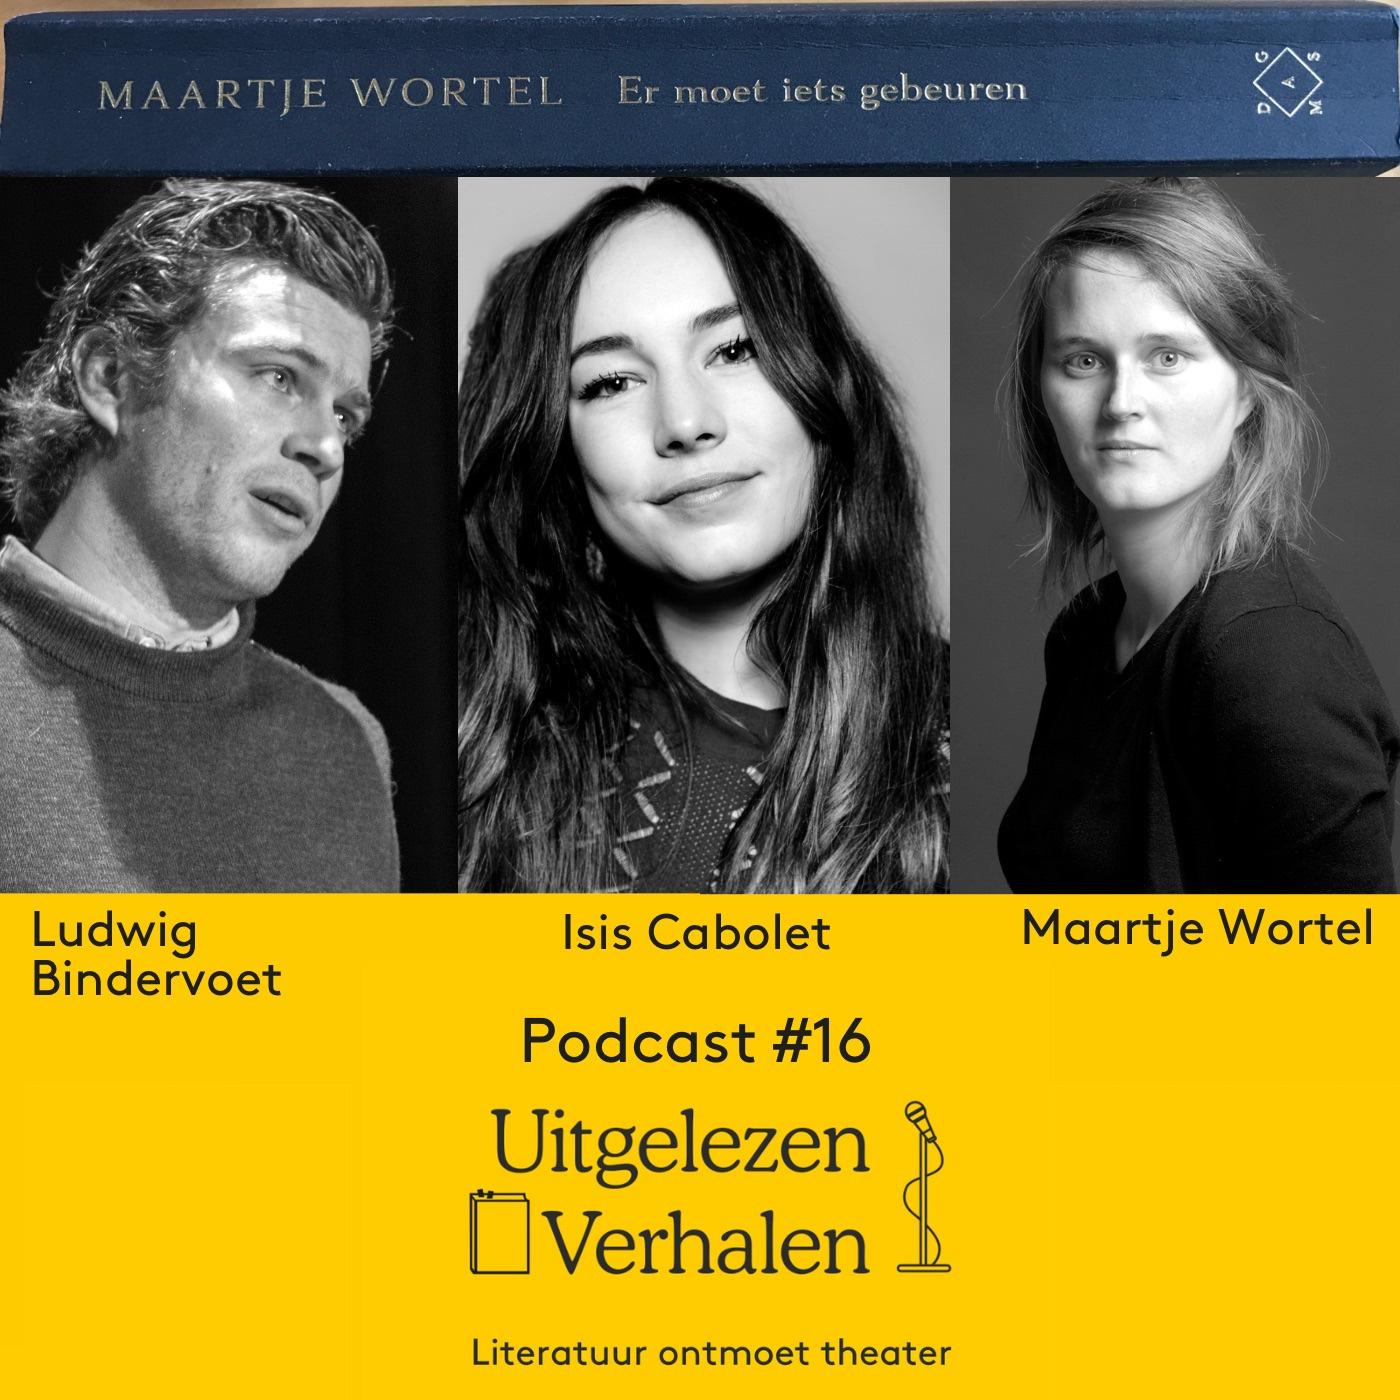 Maartje Wortels verhalen gelezen door Isis Cabolet en Ludwig Bindervoet   nagesprek met schrijver